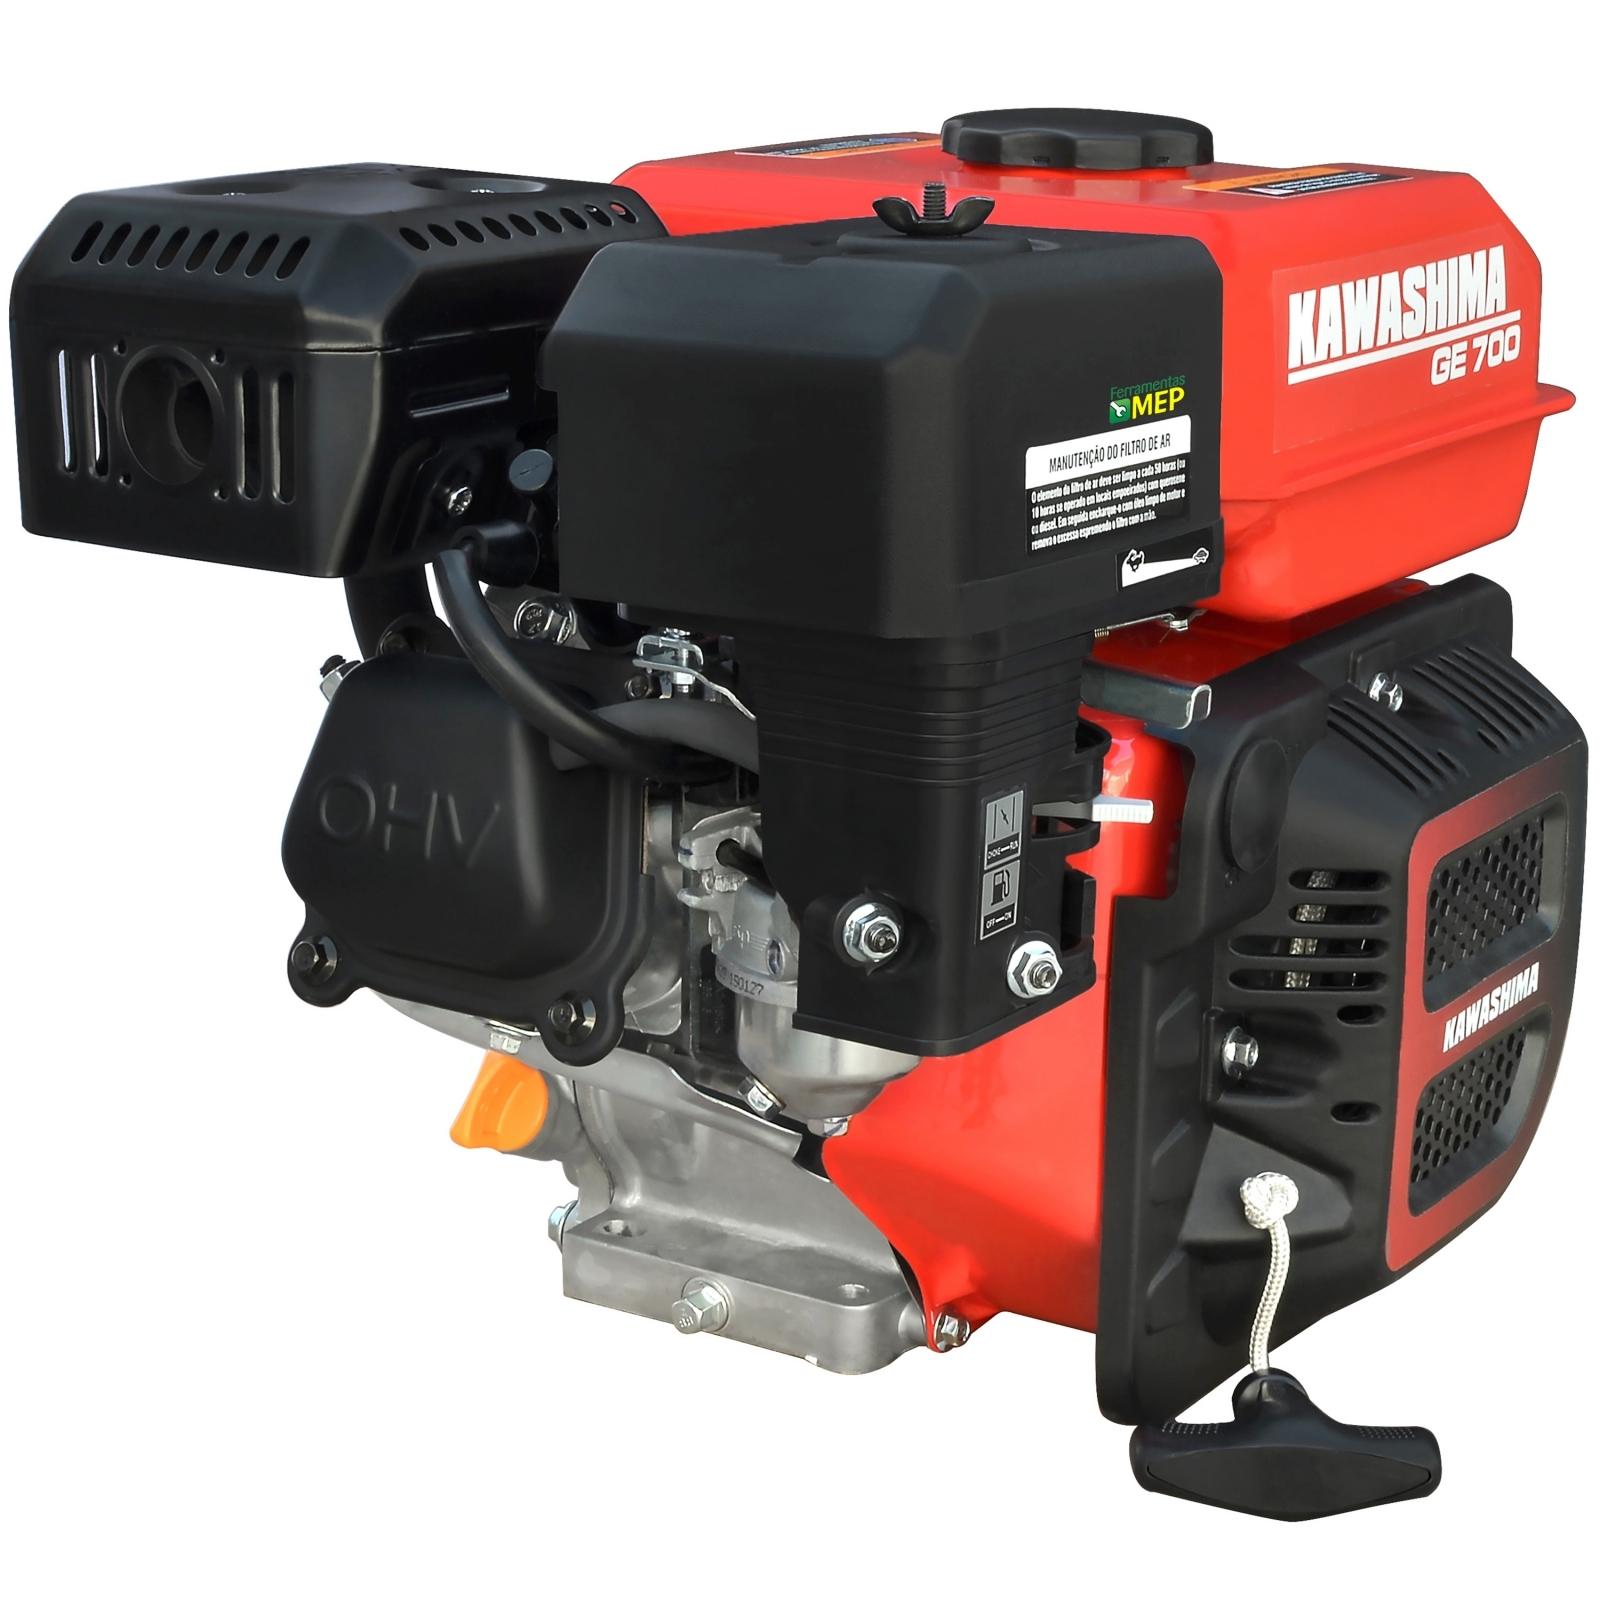 Motor Estacionário Kawashima 7hp Gasolina Partida Manual GE-700 - Ferramentas MEP